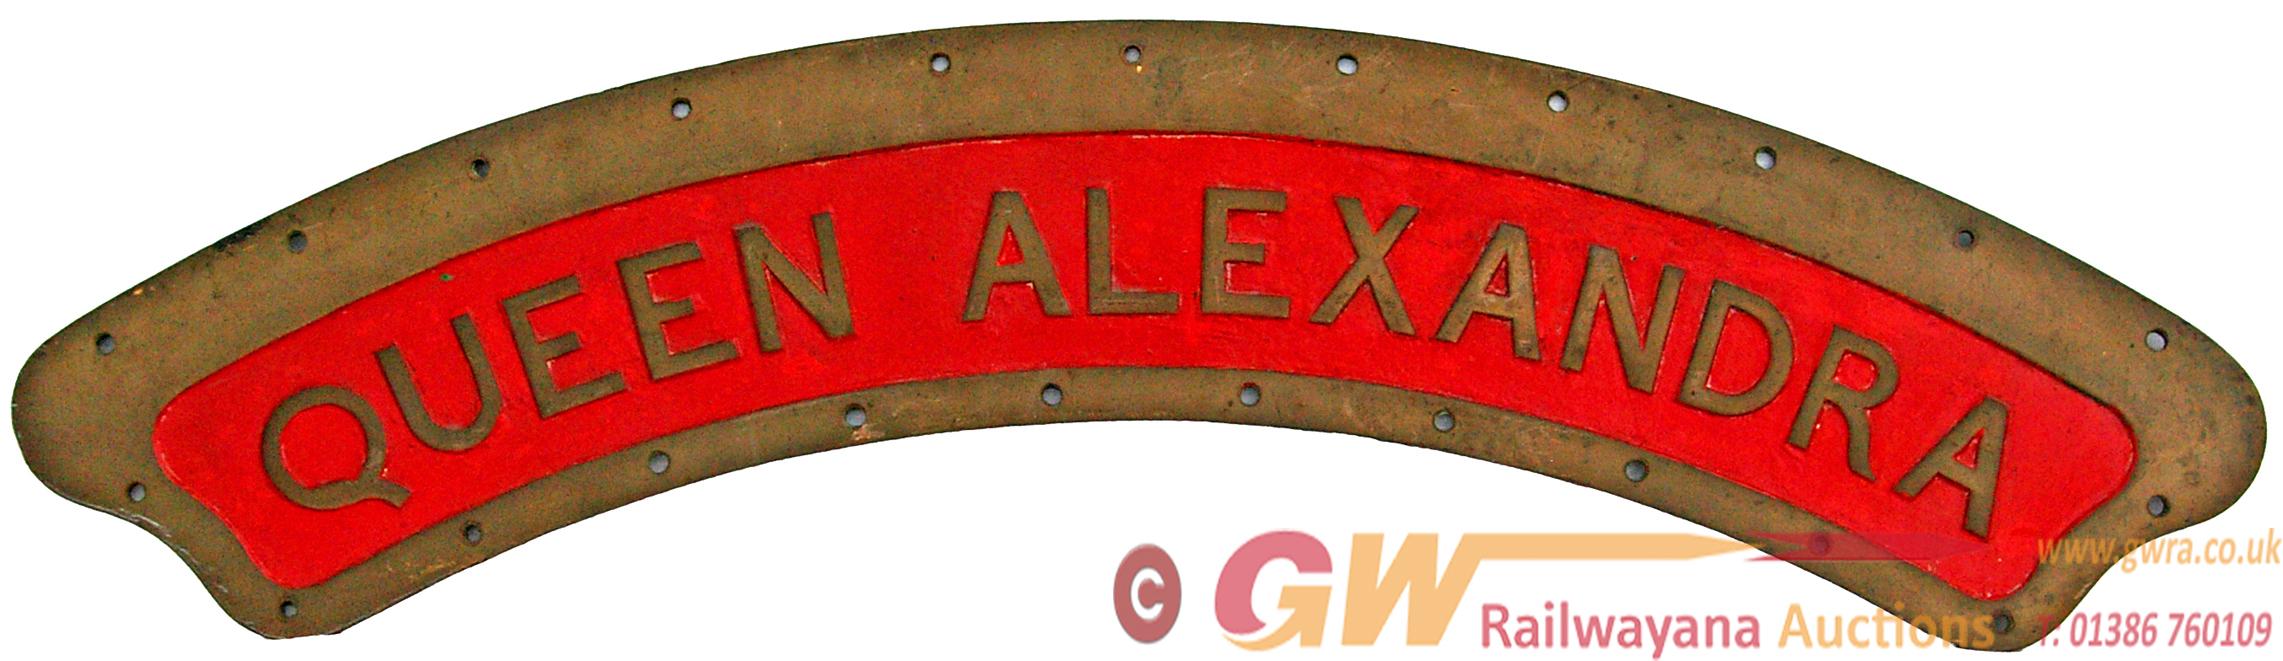 Locomotive Nameplate QUEEN ALEXANDRA. Ex Belfast